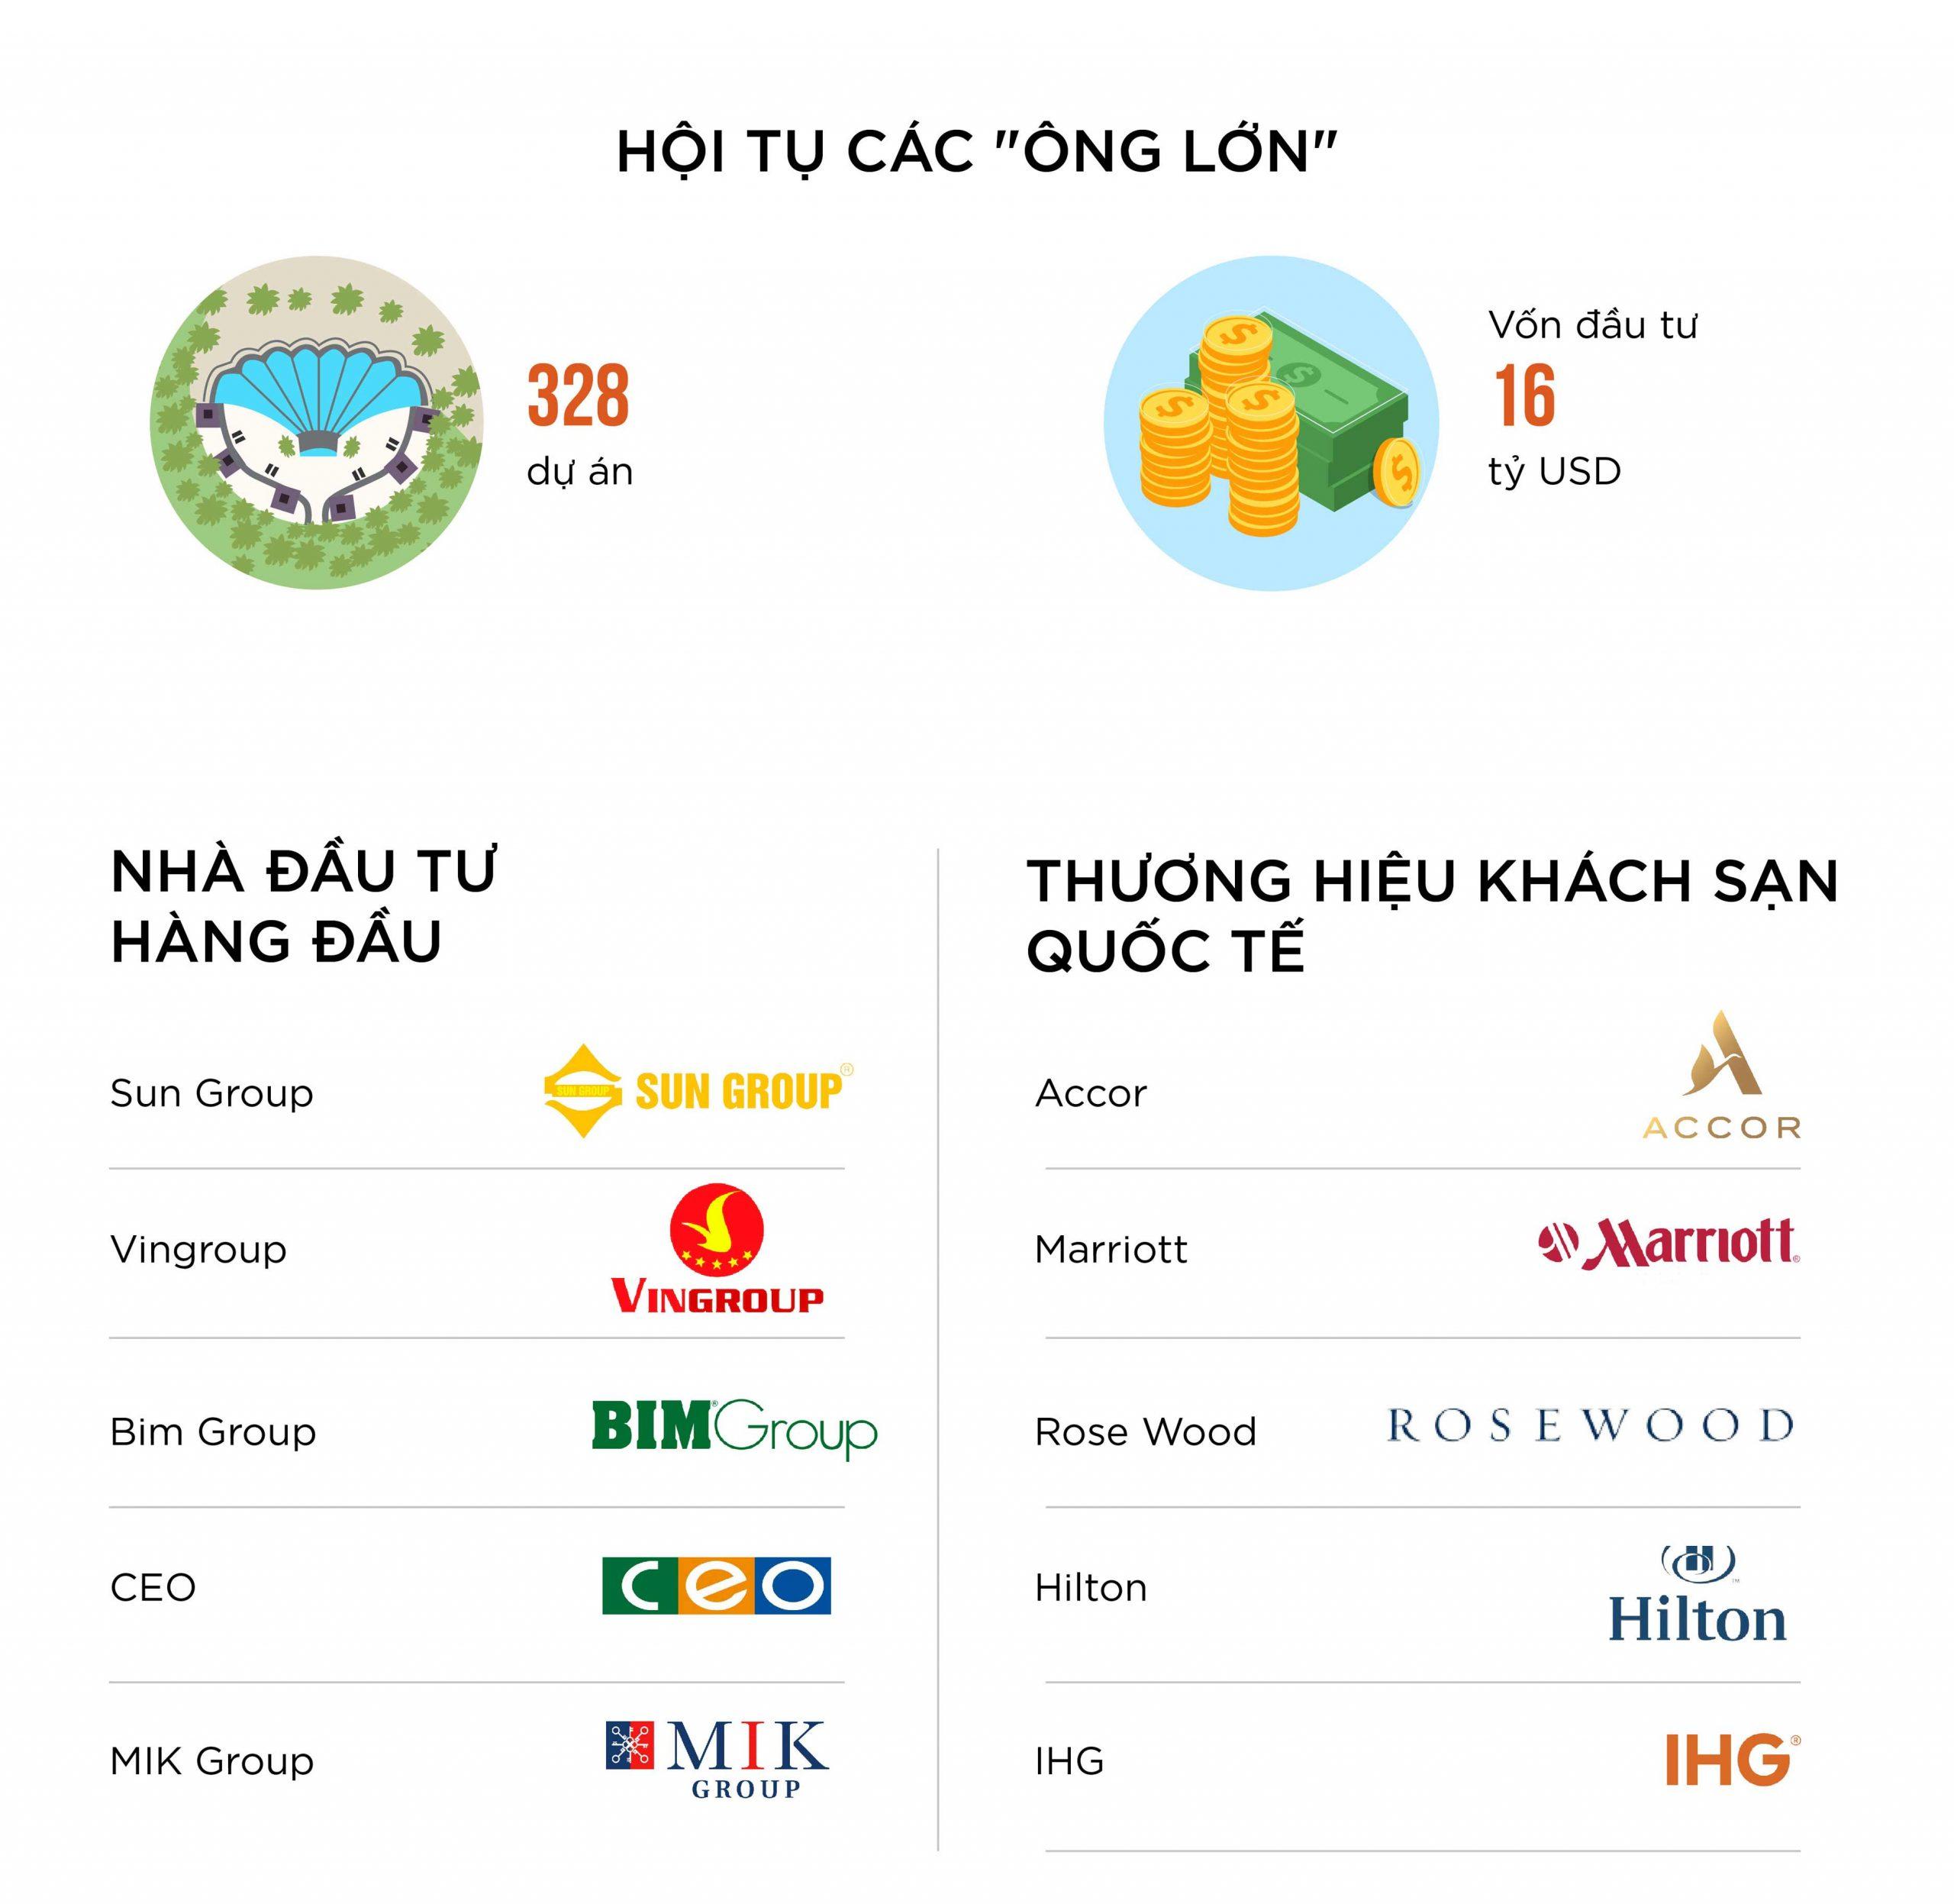 Phú Quốc thành phố đảo thu hút vốn đầu tư từ các Tập đoàn hàng đầu Việt Nam và Quốc Tế